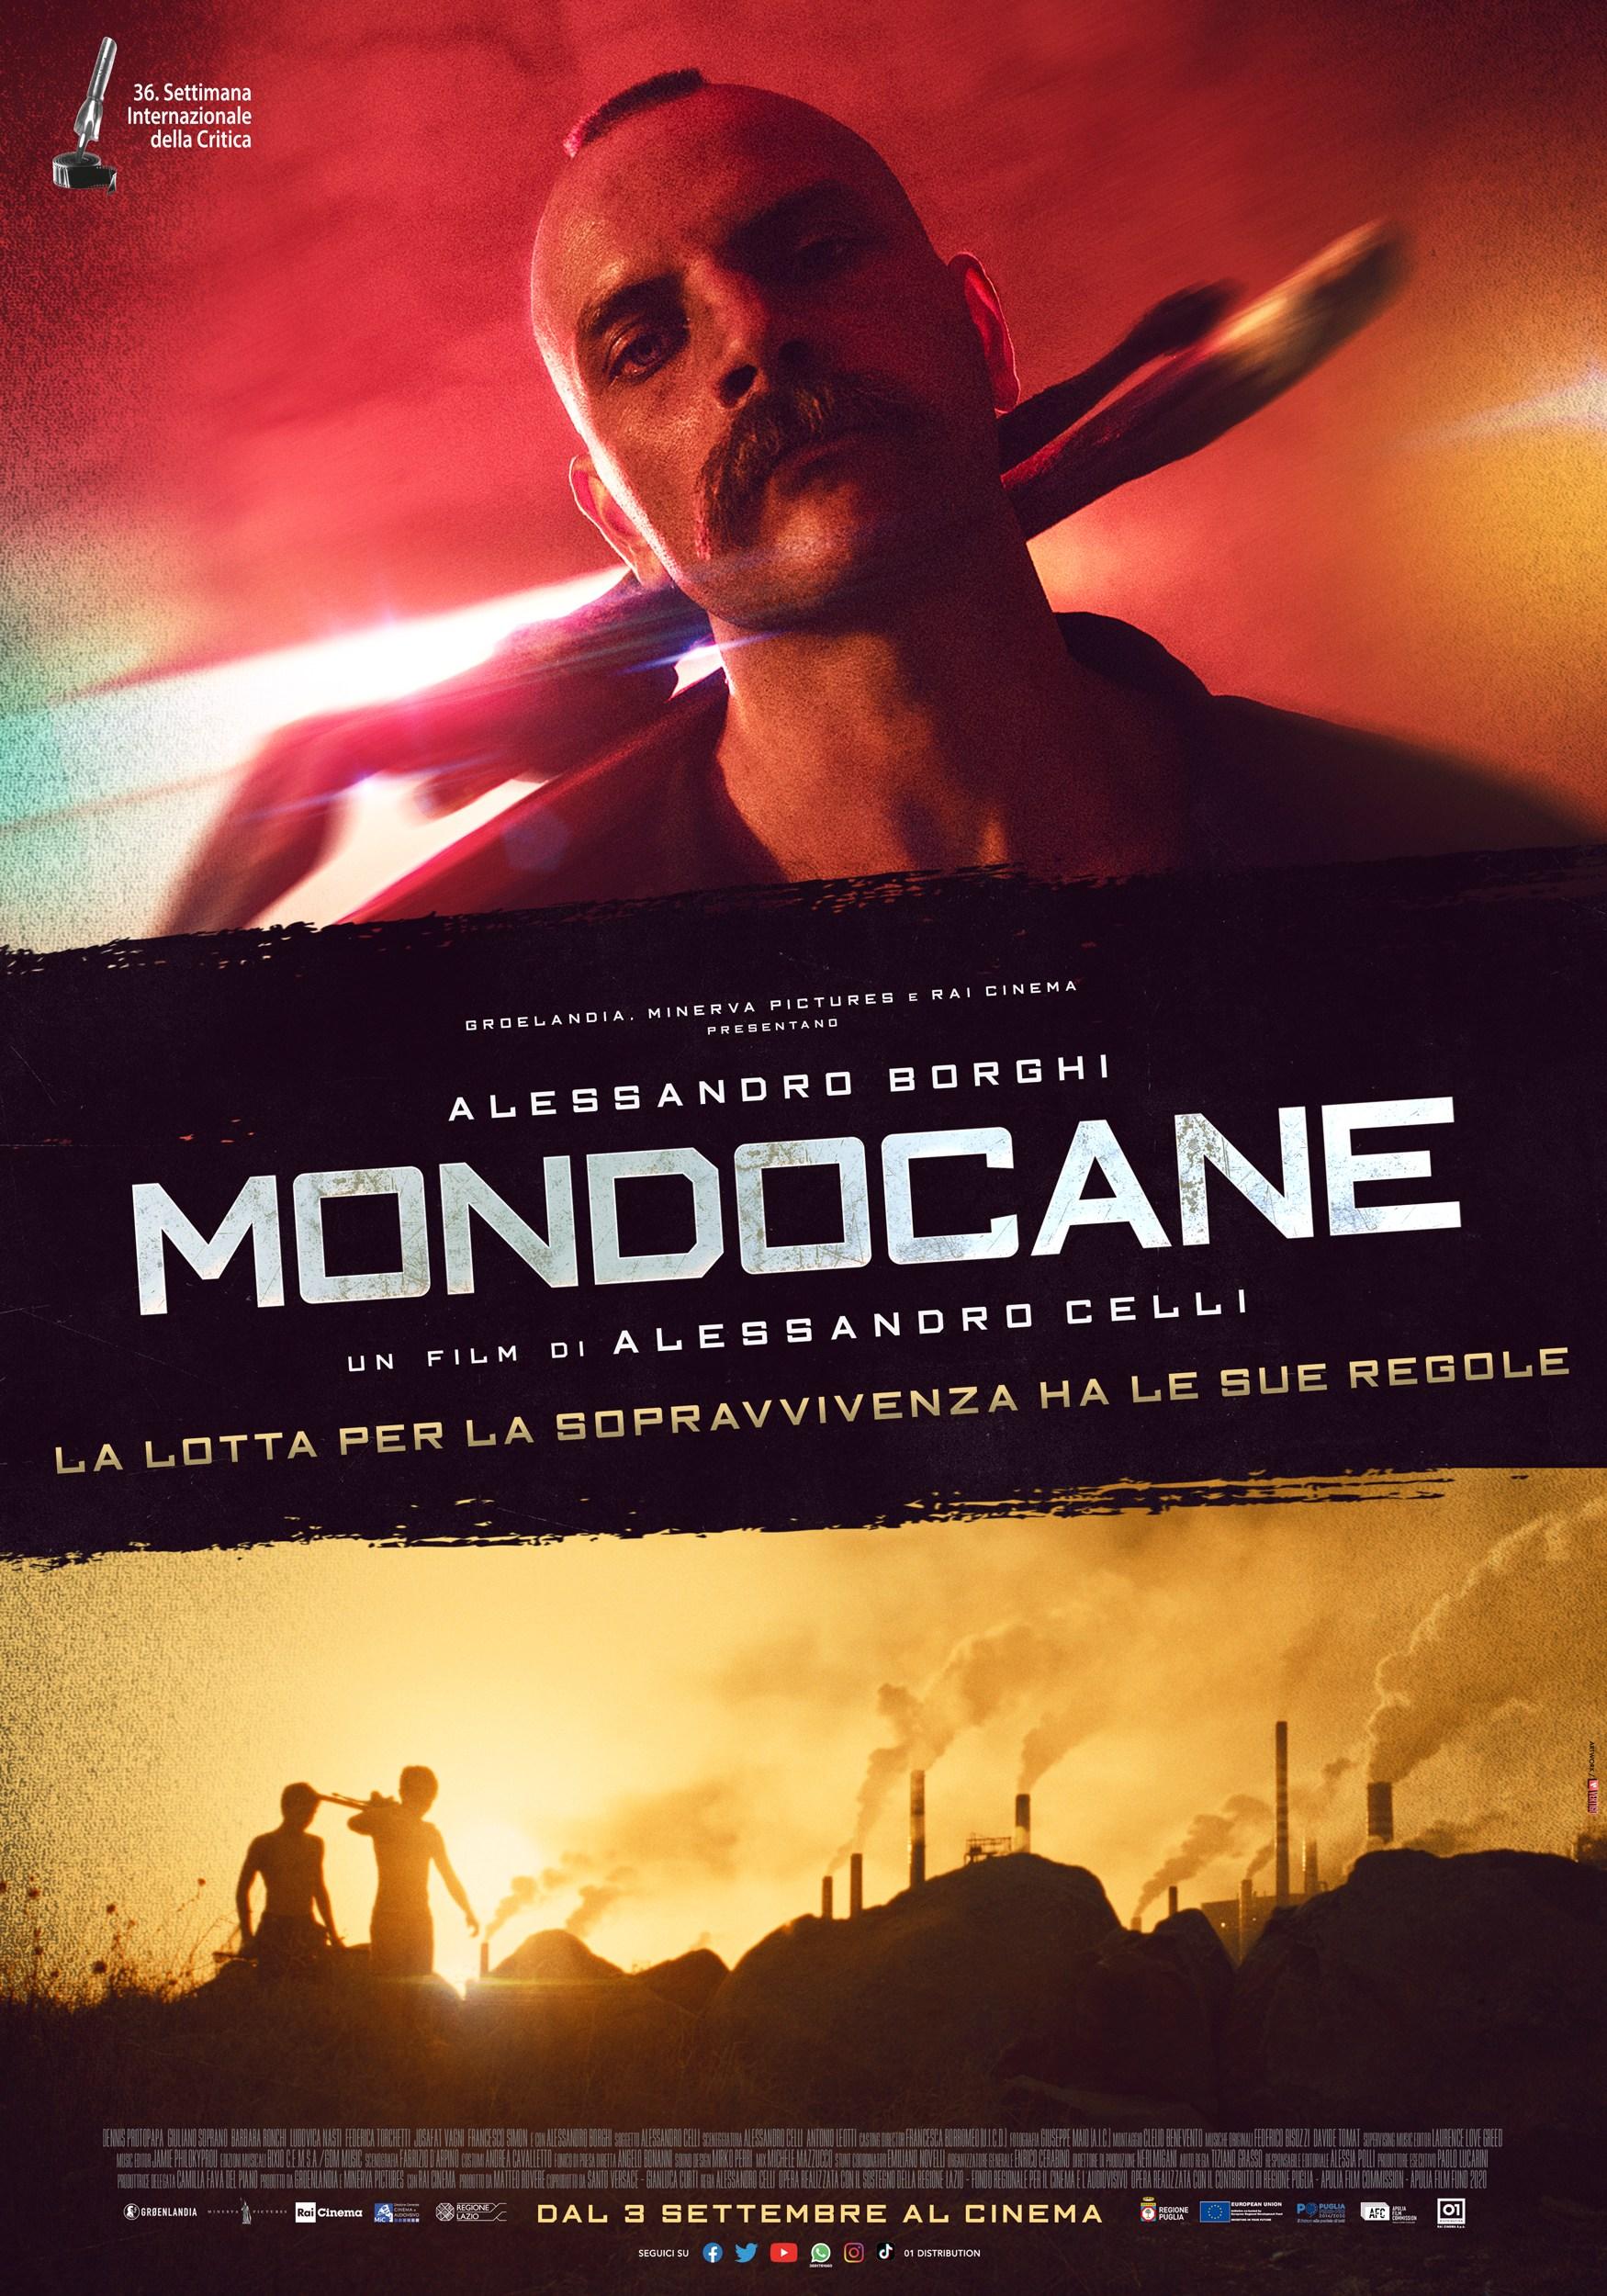 Mondocane, il film con Alessandro Borghi al cinema dal 3 settembre